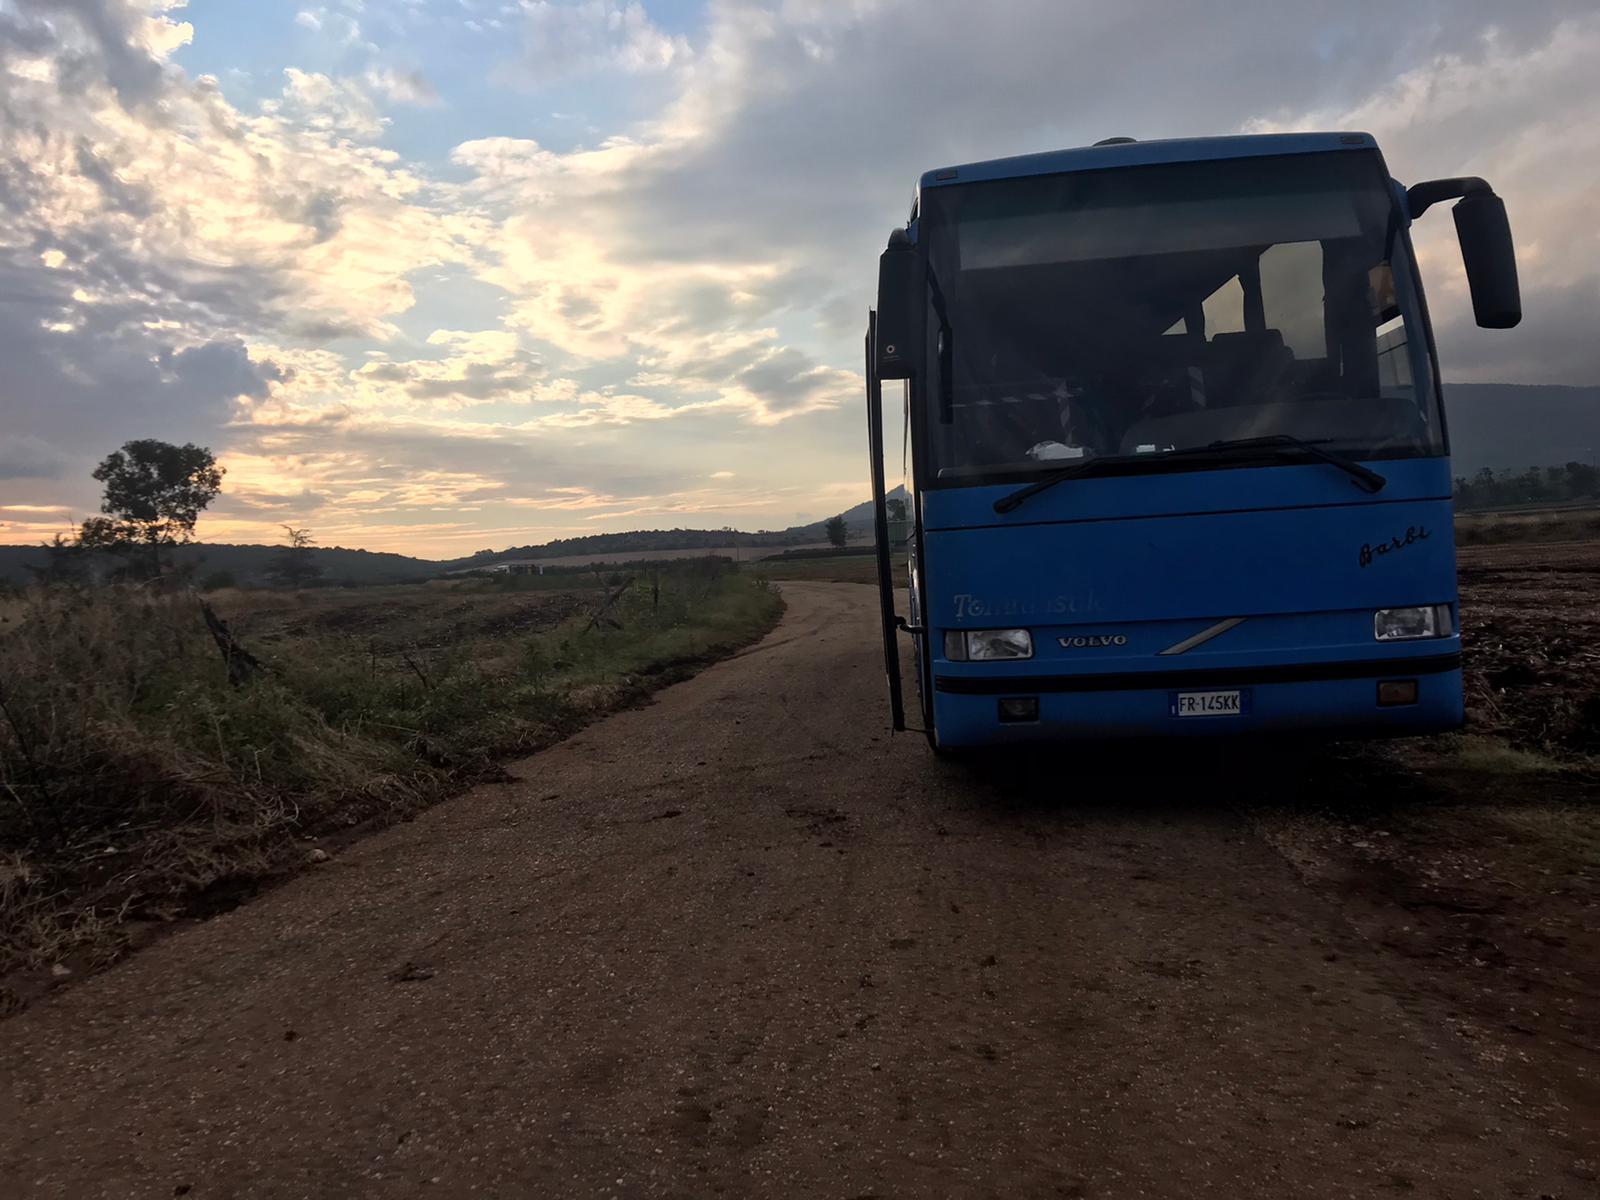 Casa Sankara ottiene due pullman per il trasporto dei lavoratori nei campi